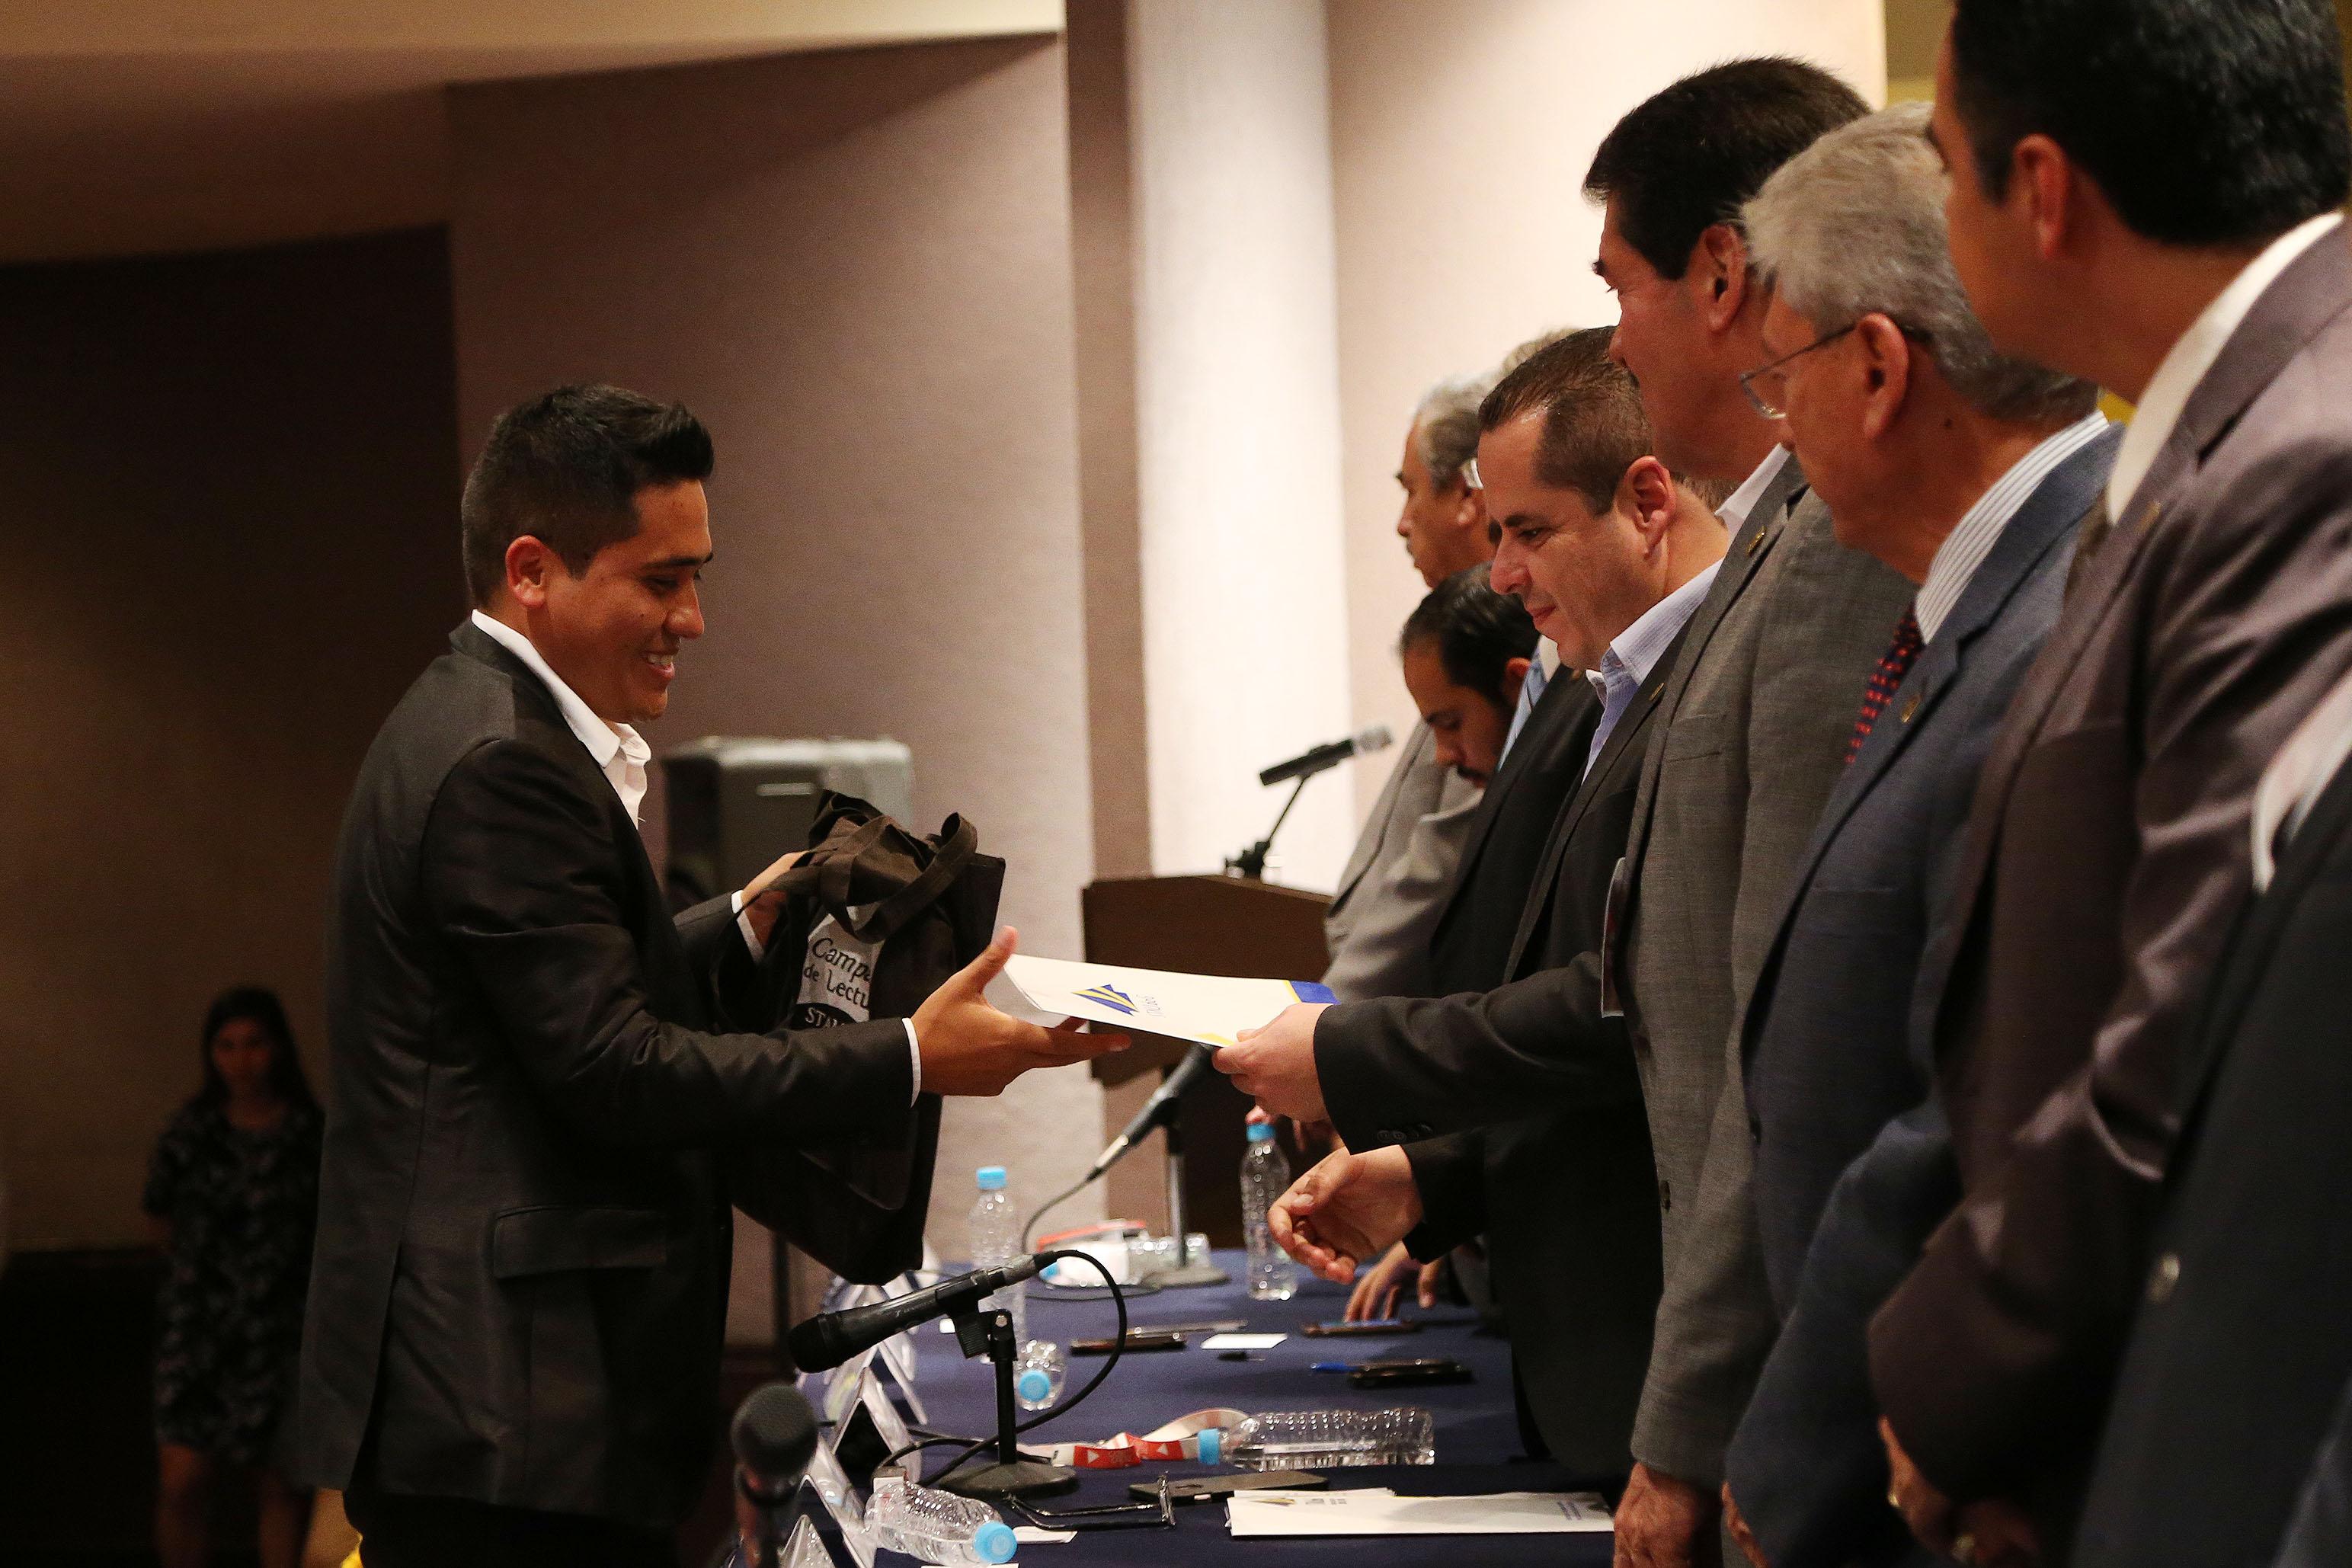 Ceremonia entrega de premios y reconocimientos a los ganadores de Pública tu libro; el Concurso de cuento y poesía Adalberto Navarro Sánchez,